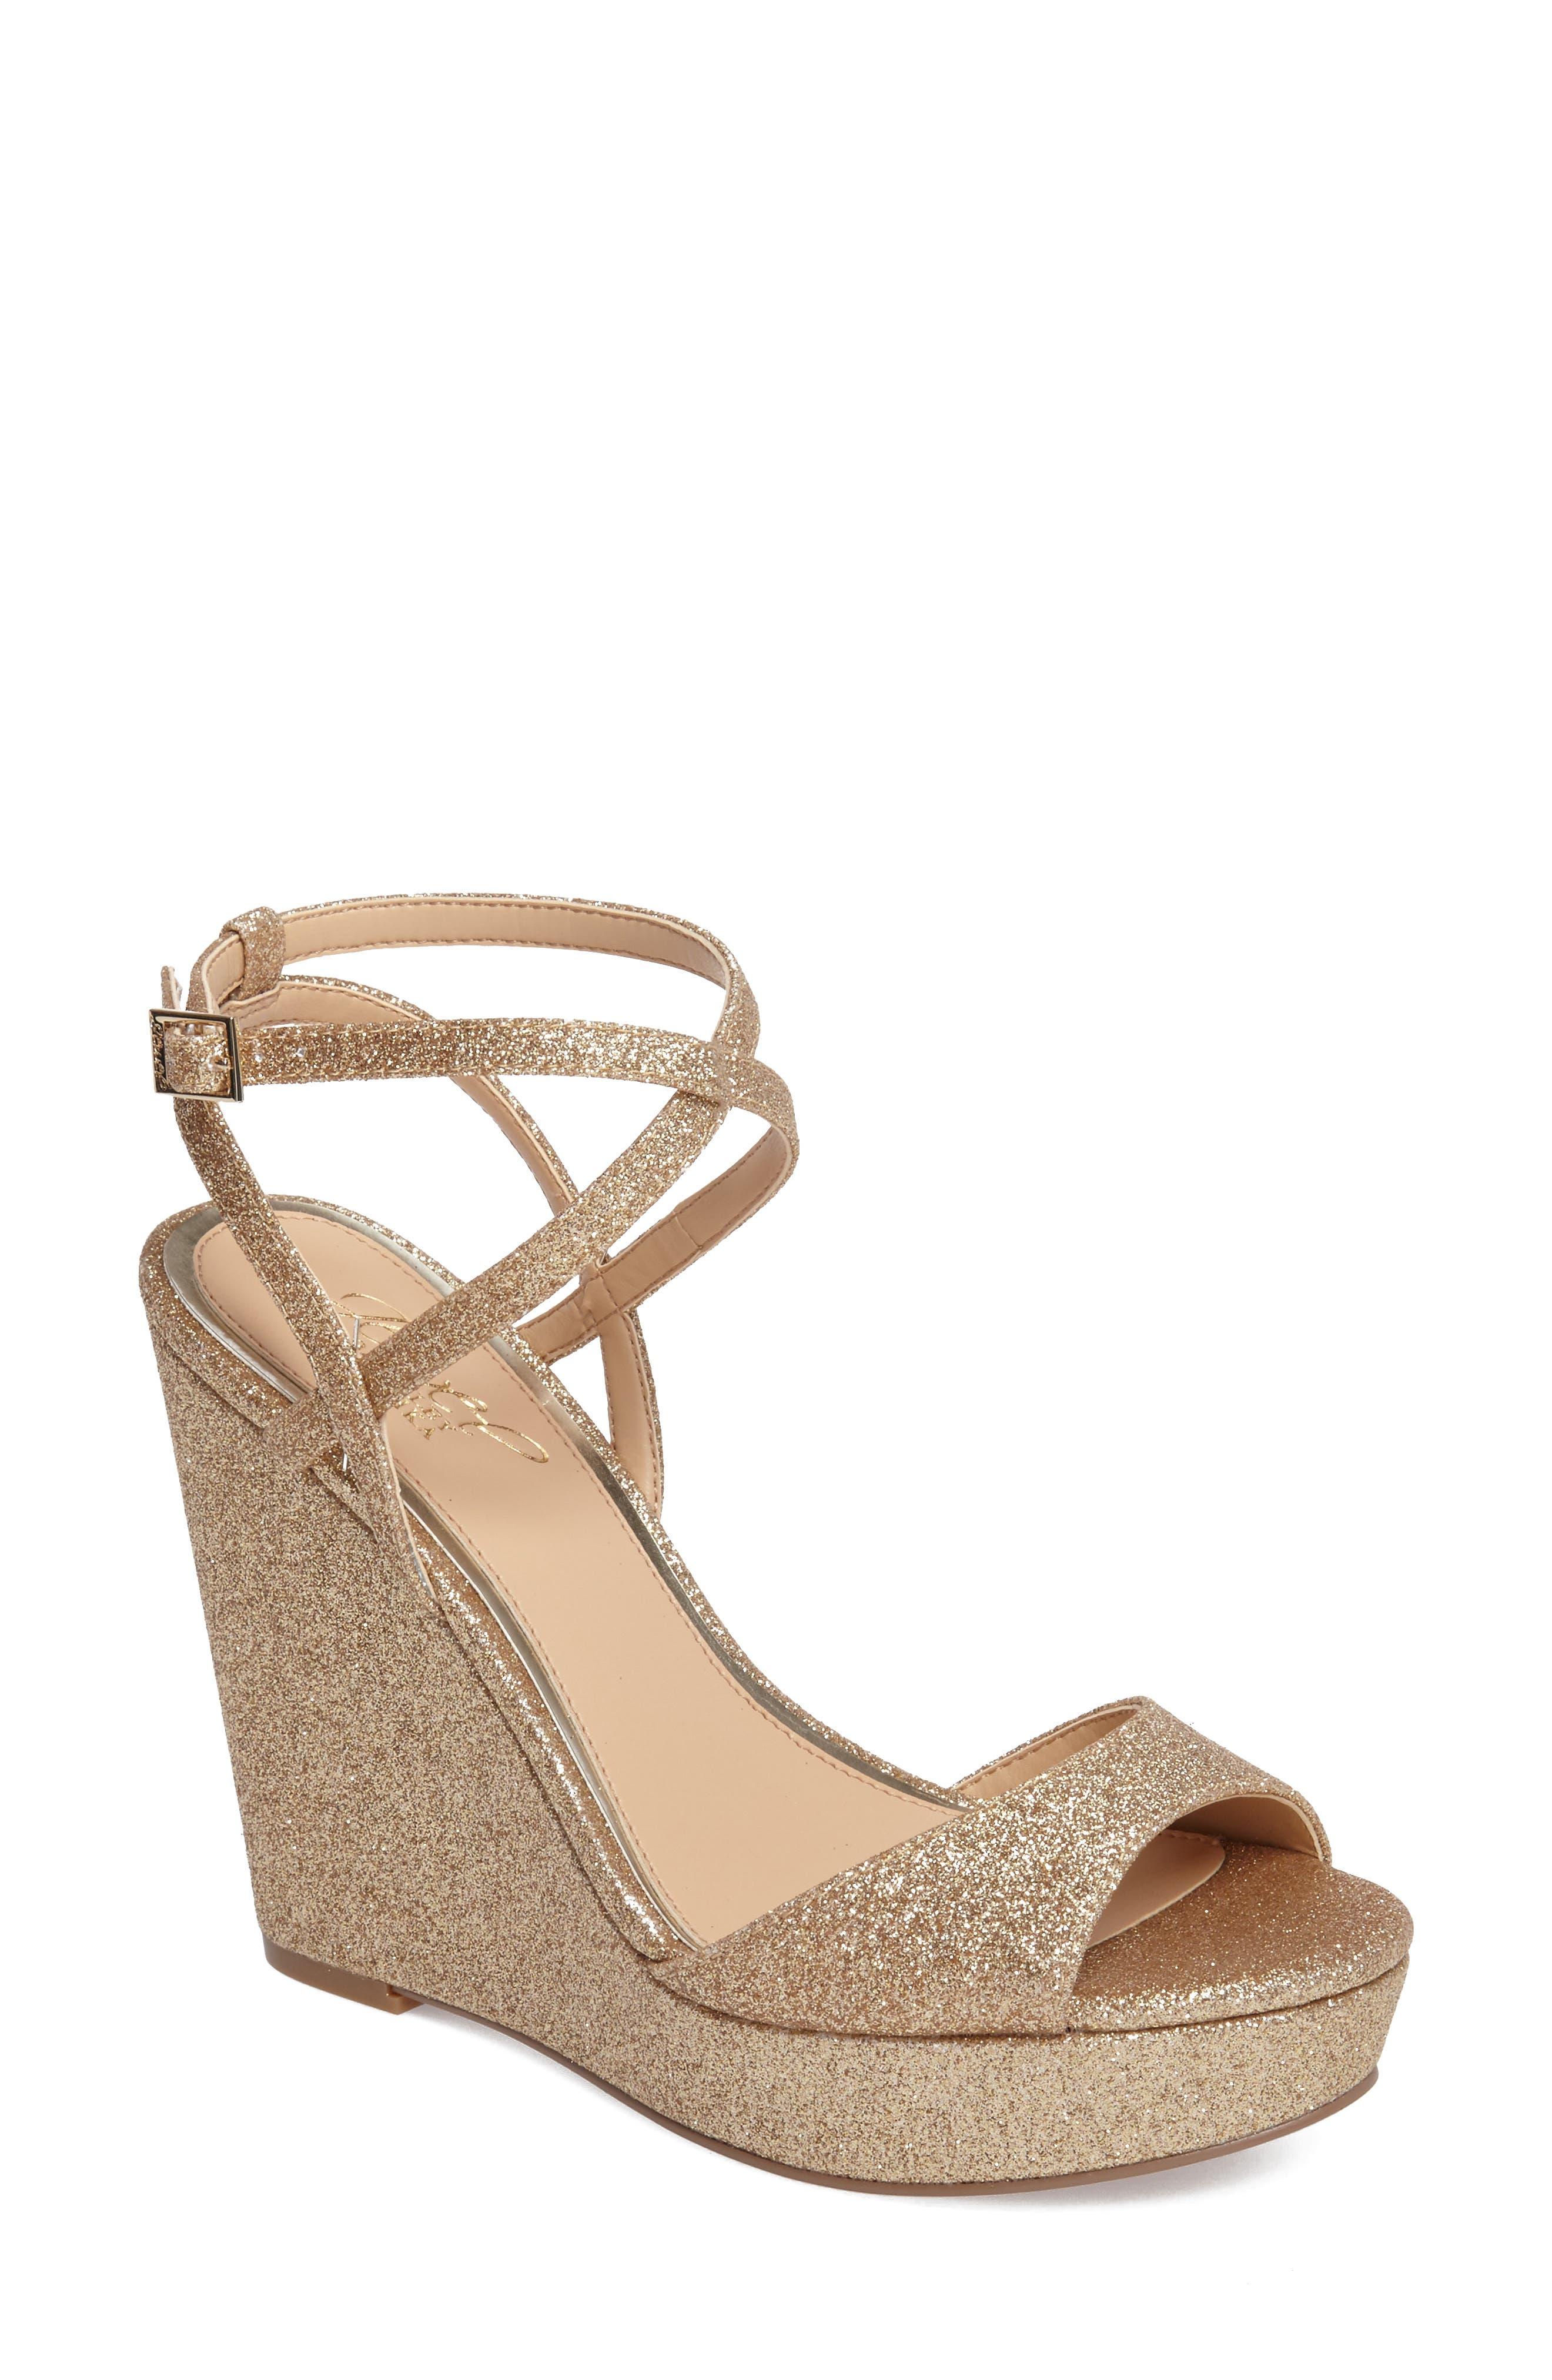 Wedge Heel Sandals 6qHpTjfL